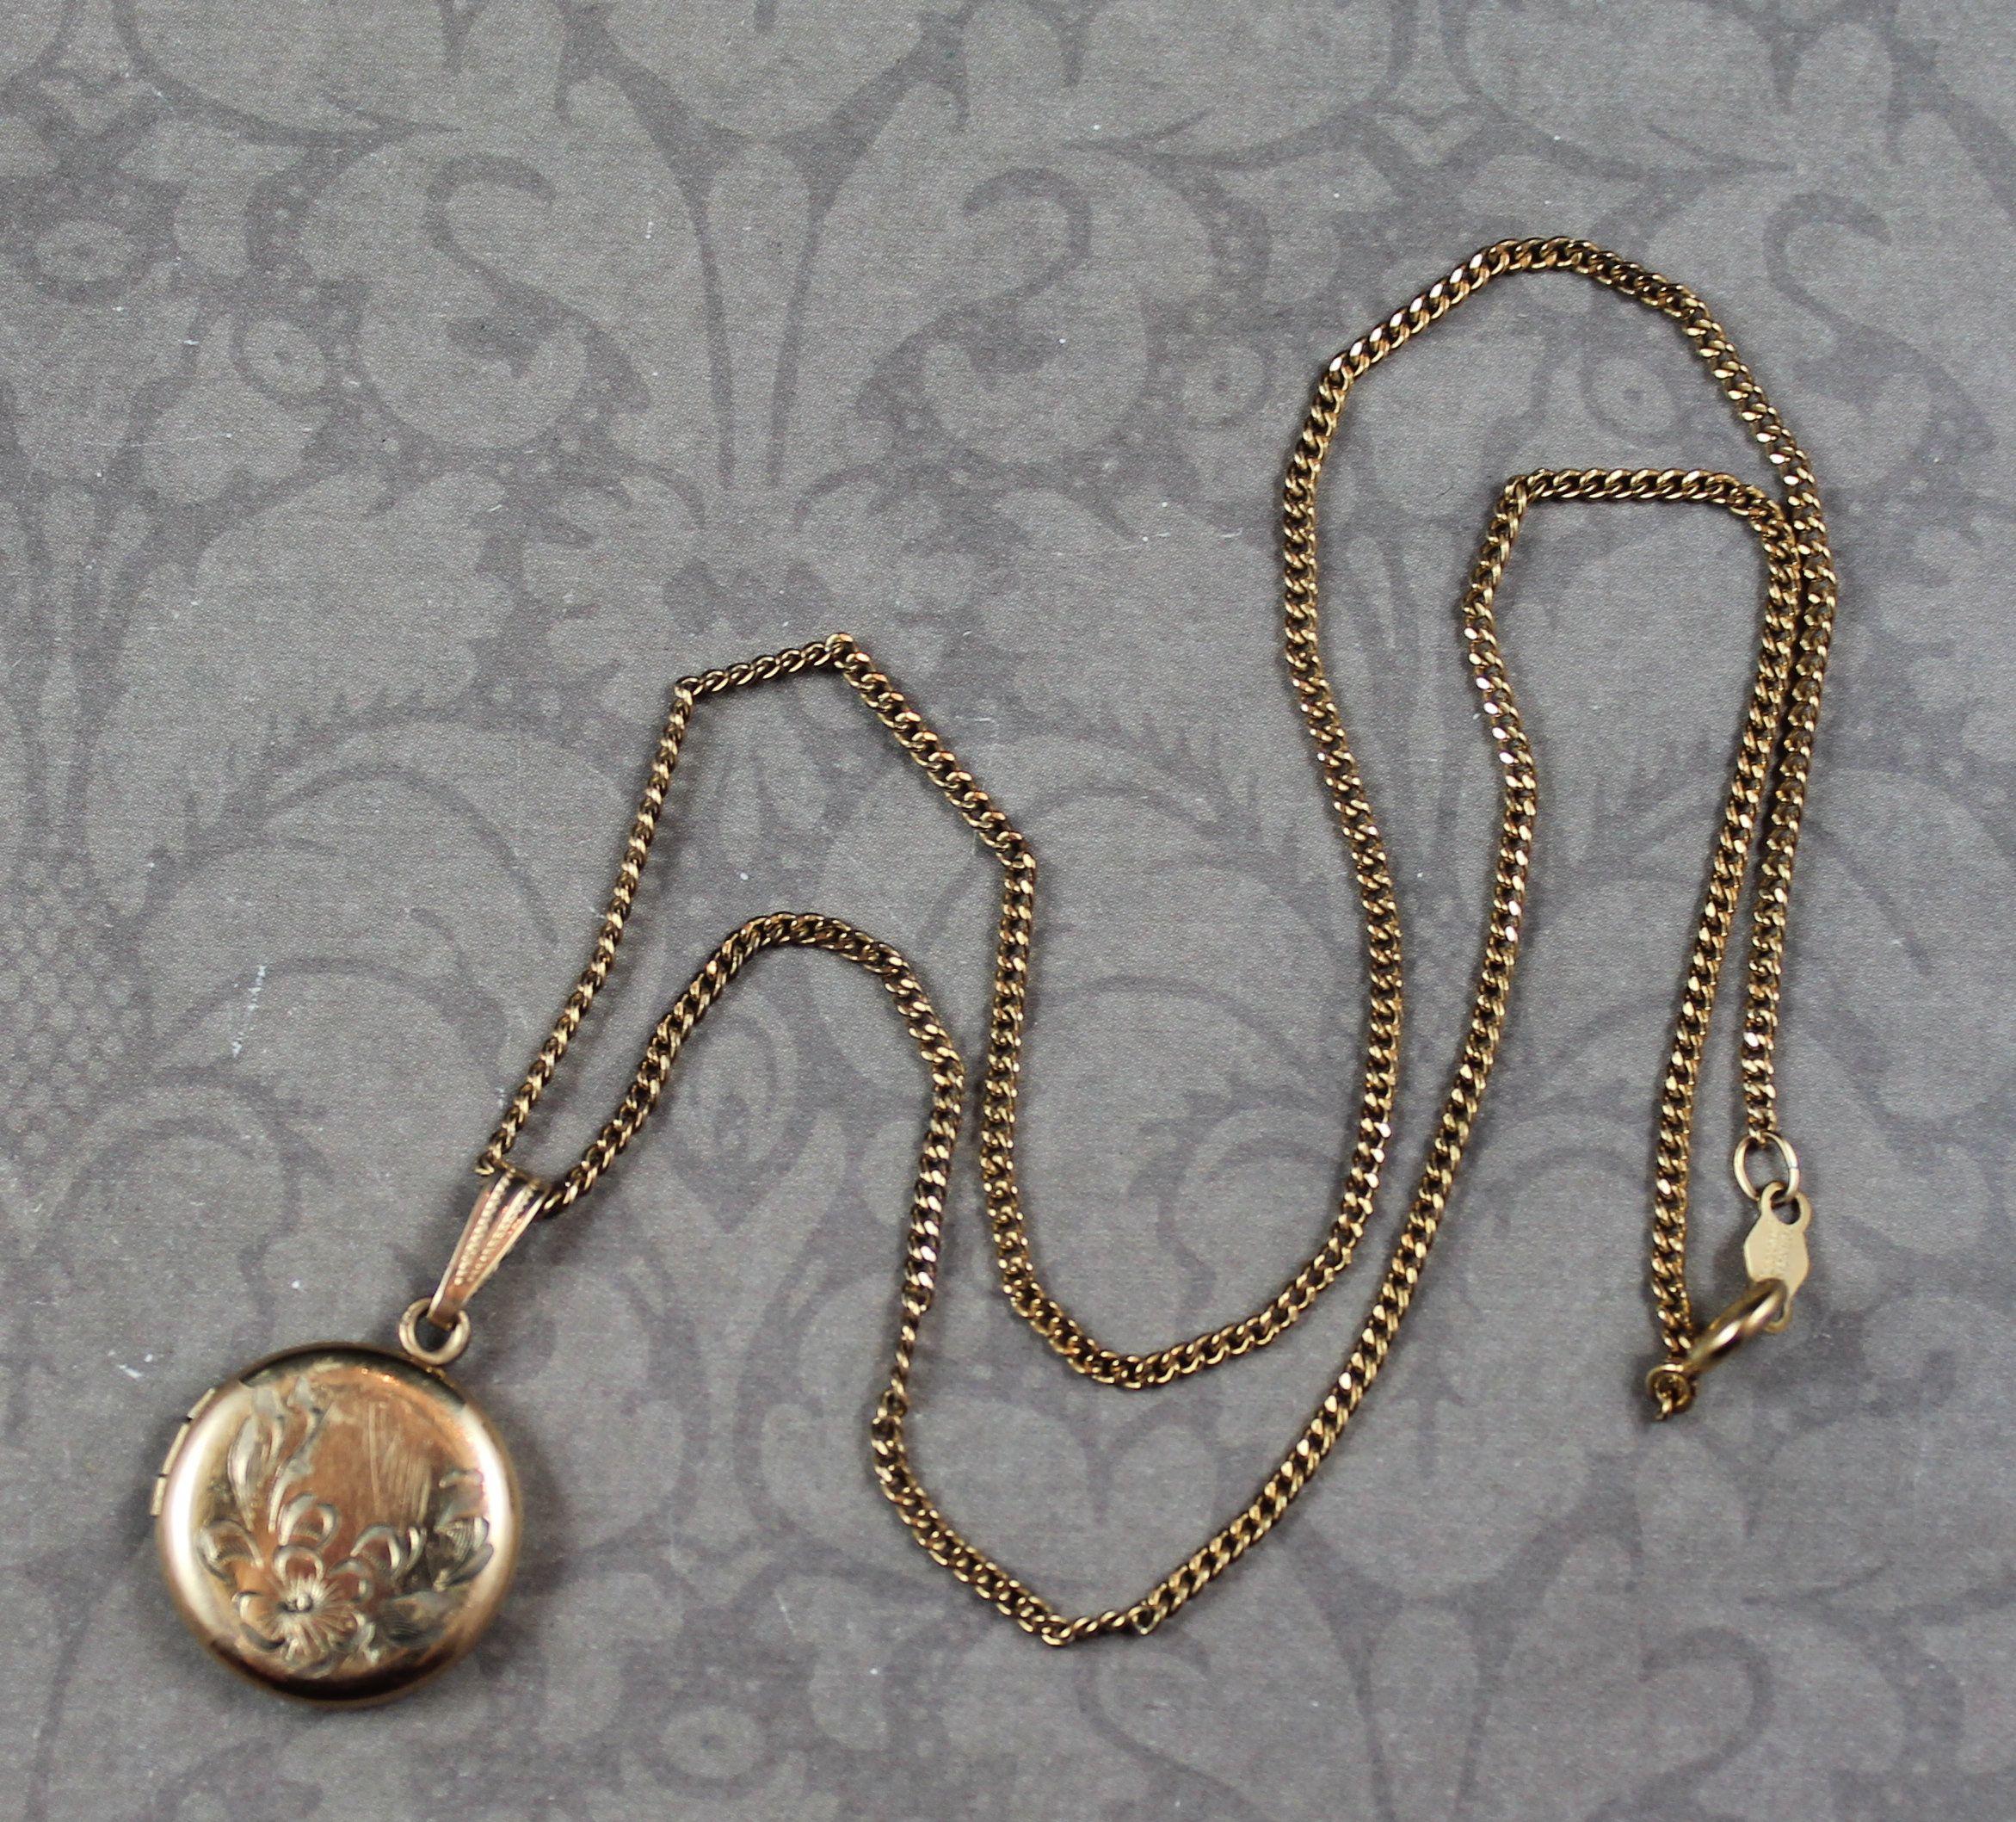 VVintage Locket Necklace 2 Strands